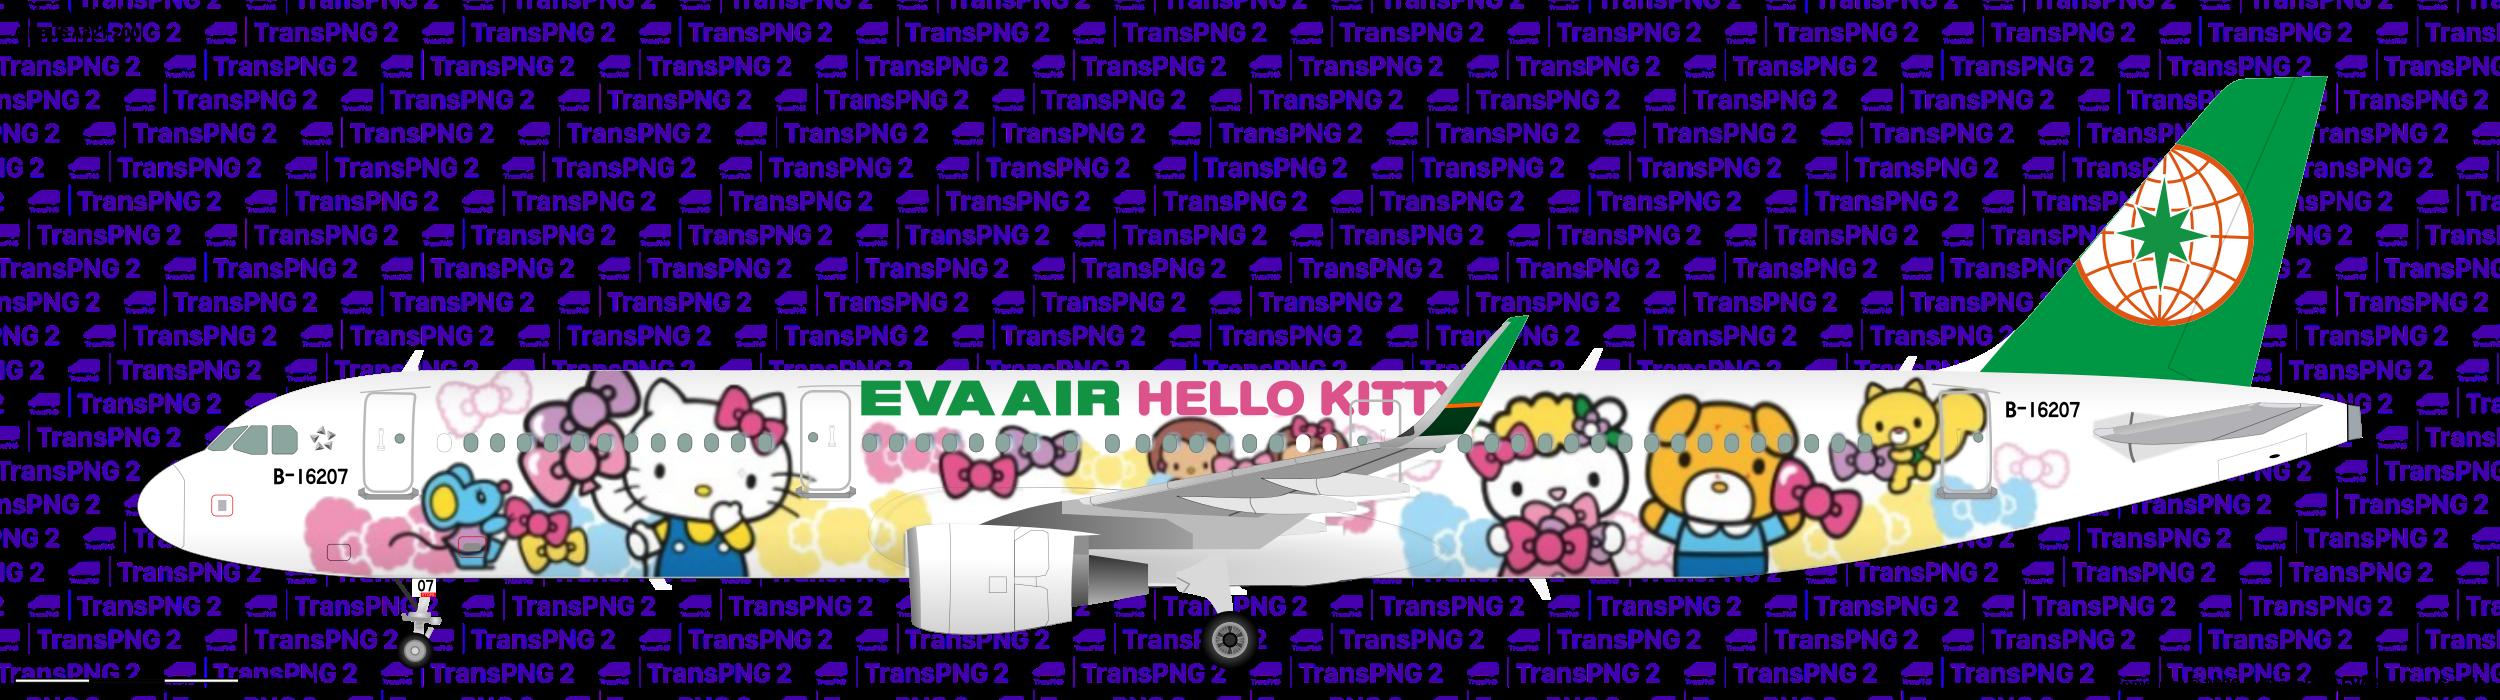 [25074] 長榮航空 25074